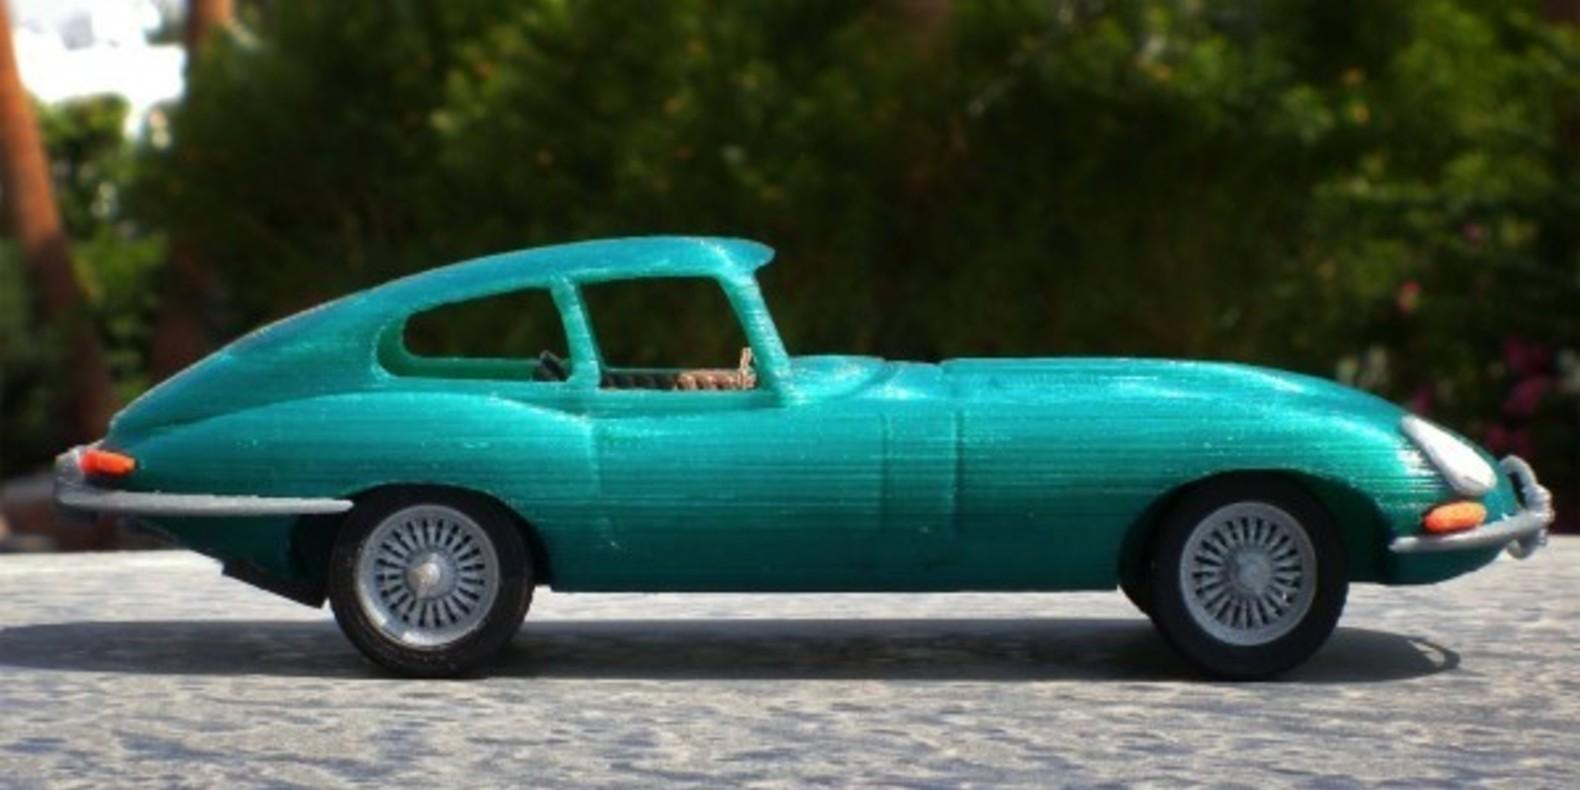 Mao casella jaguar type E maquette model 3D printed imprimé en 3D voiture car fichier STL Cults 2